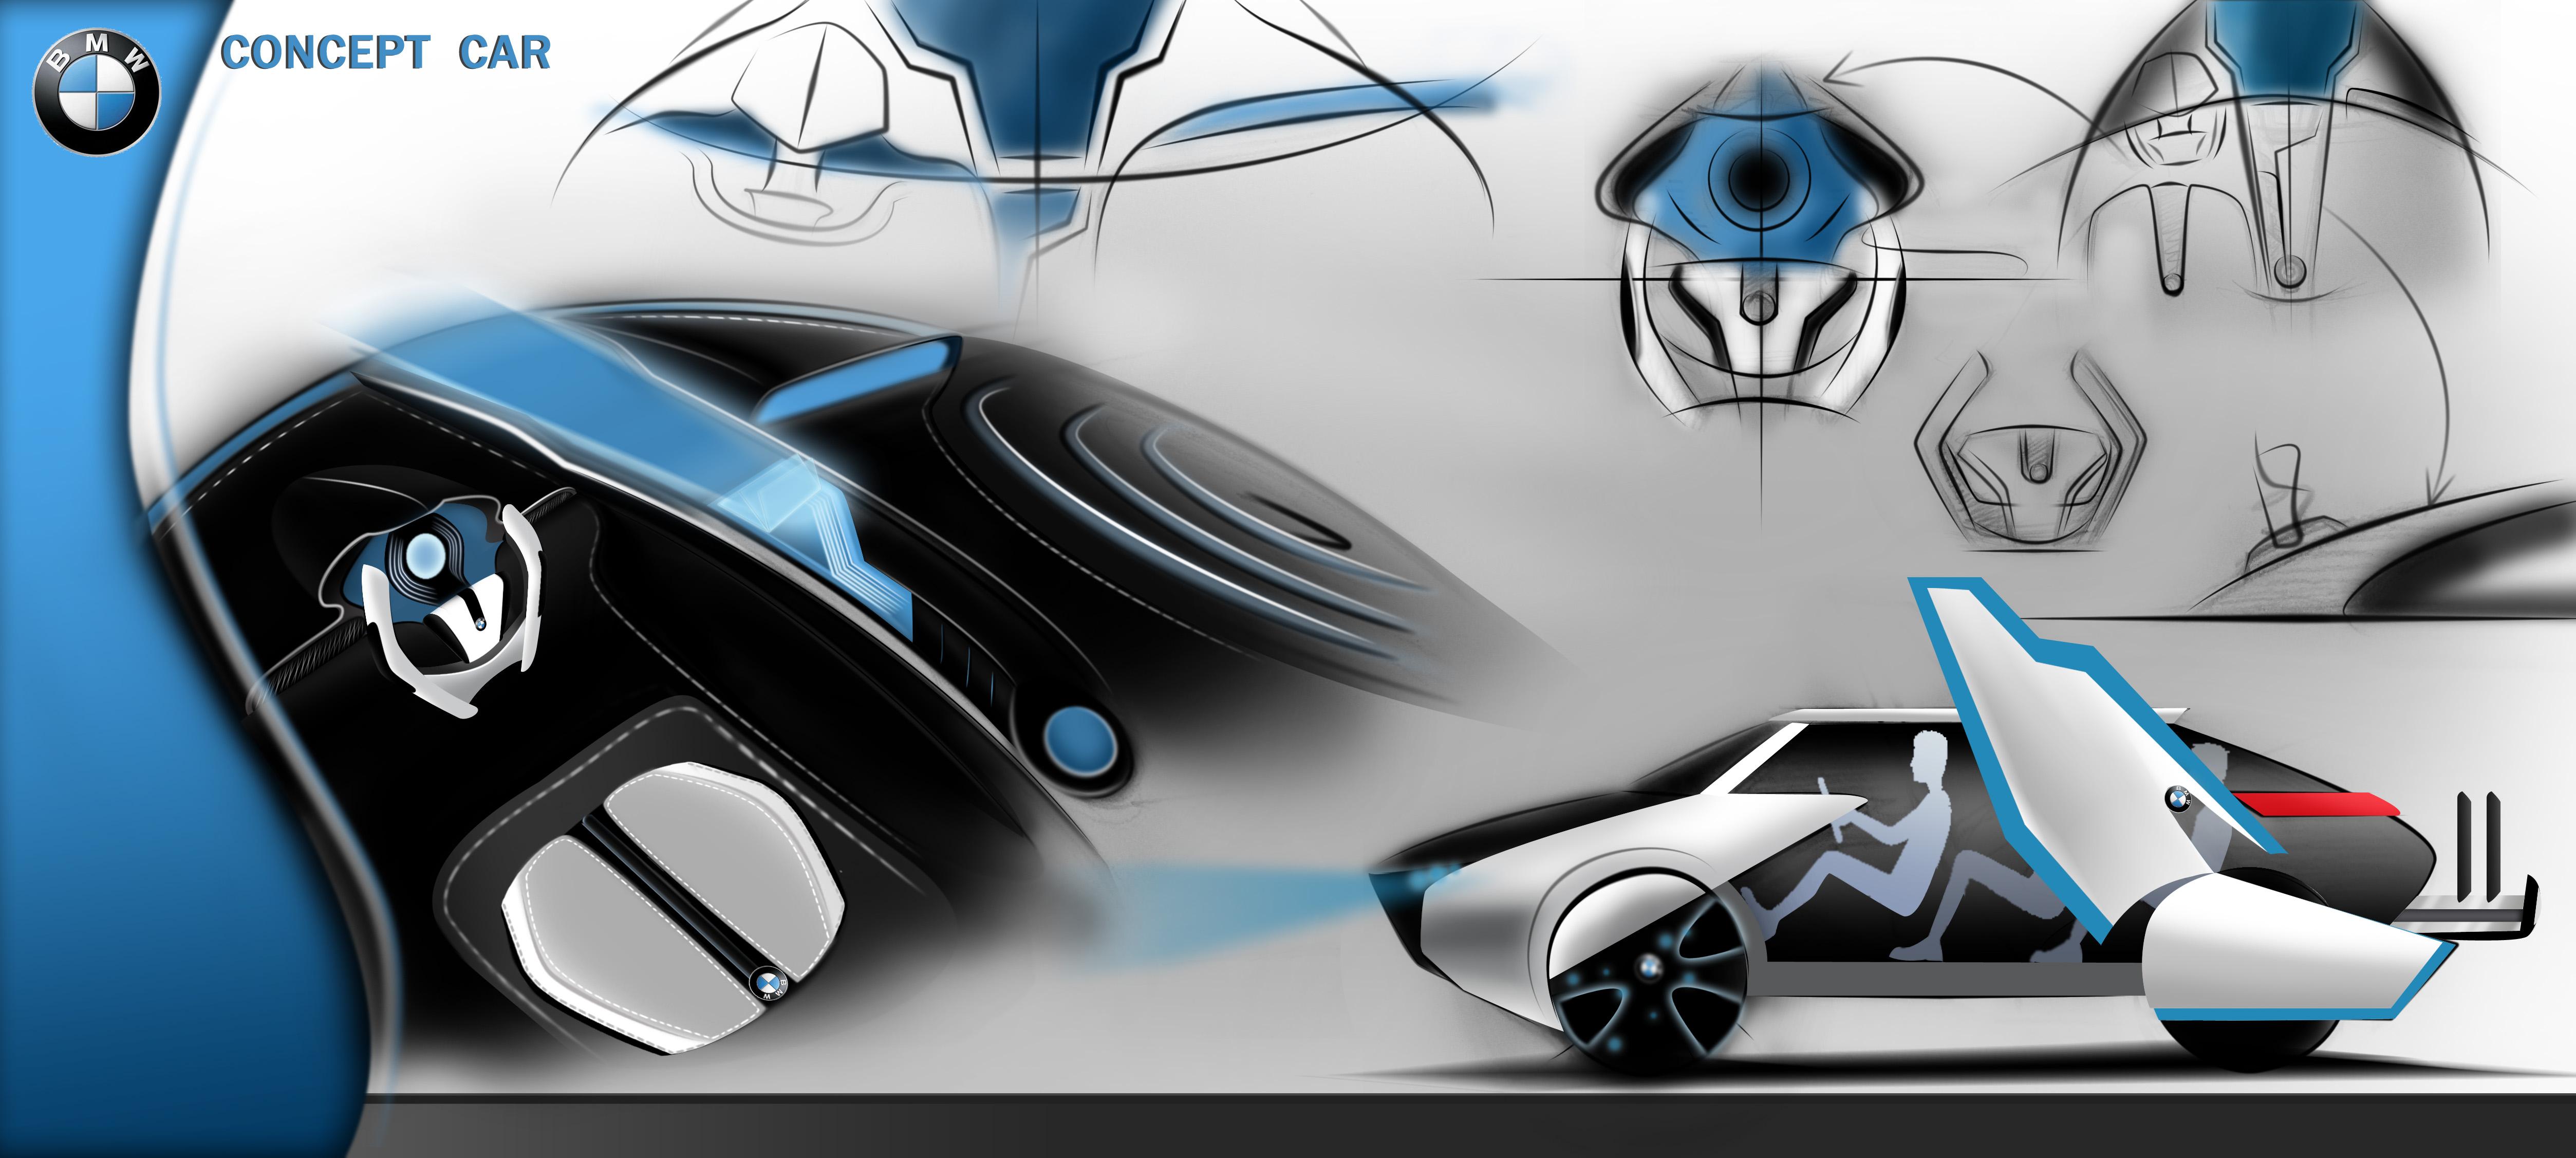 汽车设计手绘方案|工业/产品|交通工具|不乖雯 - 原创